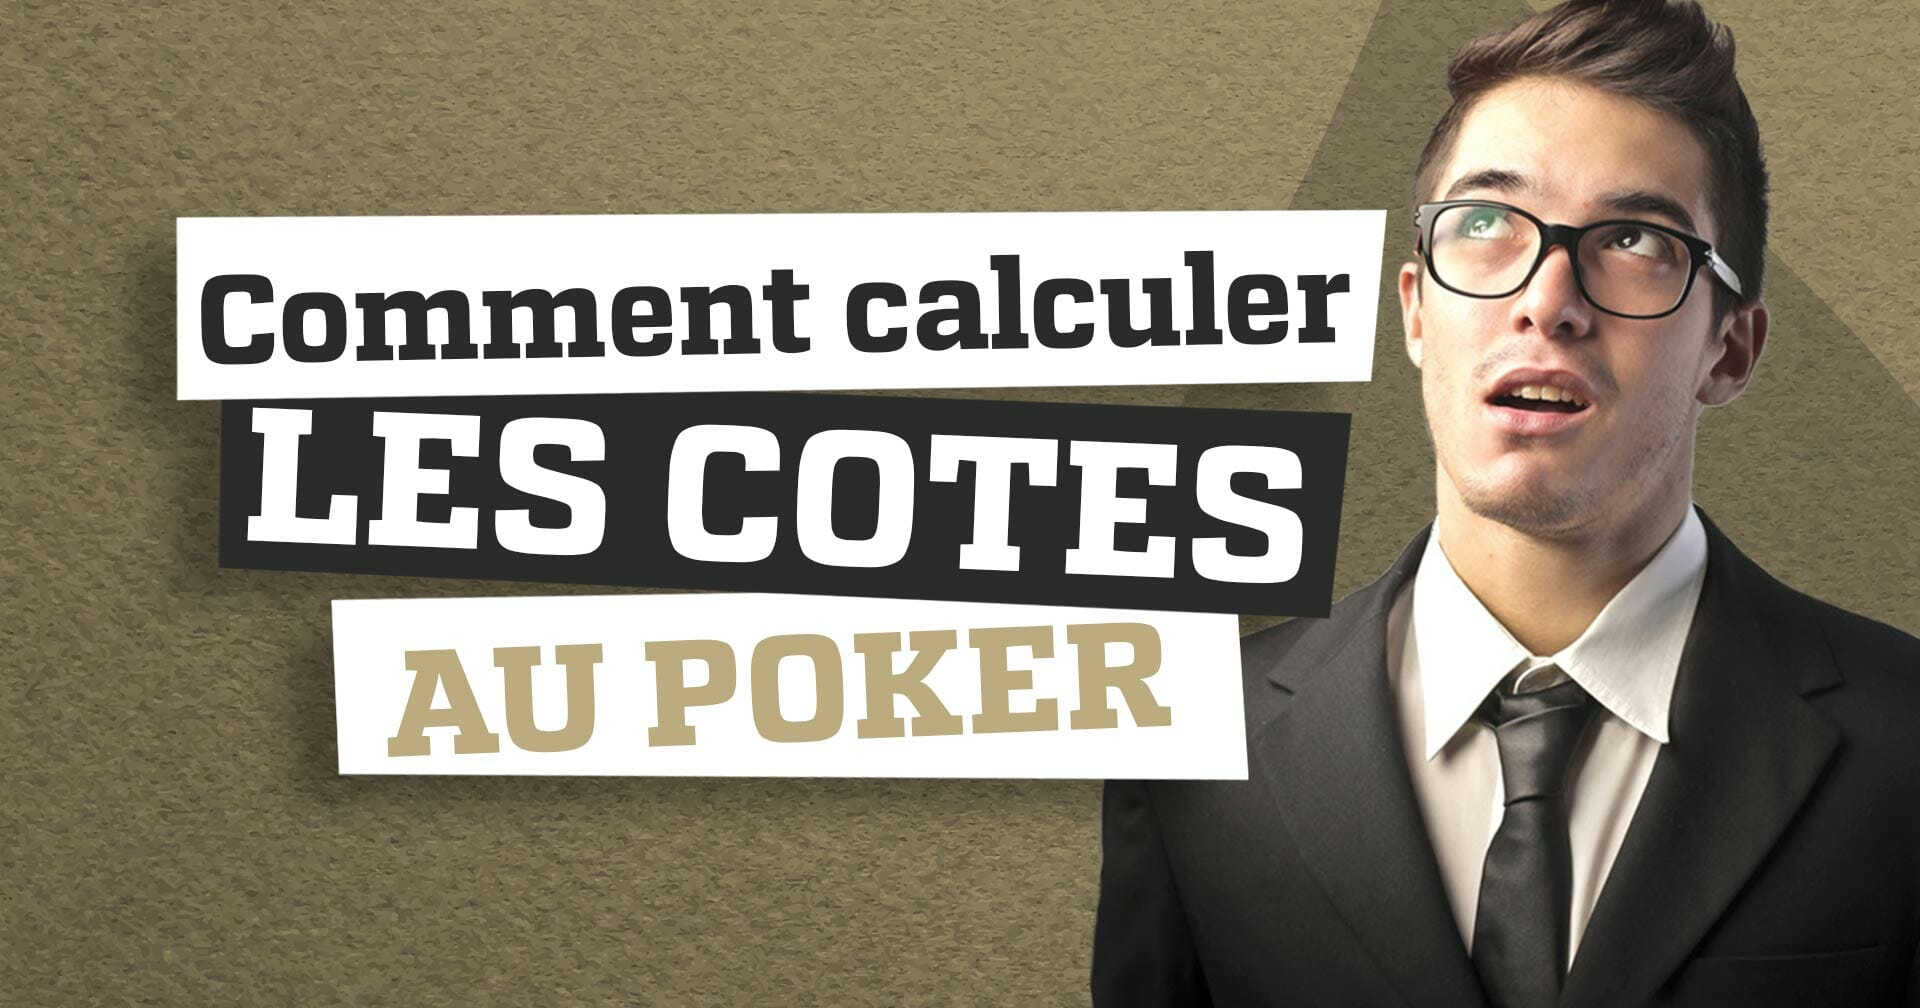 cacomment calculer les cotes au poker